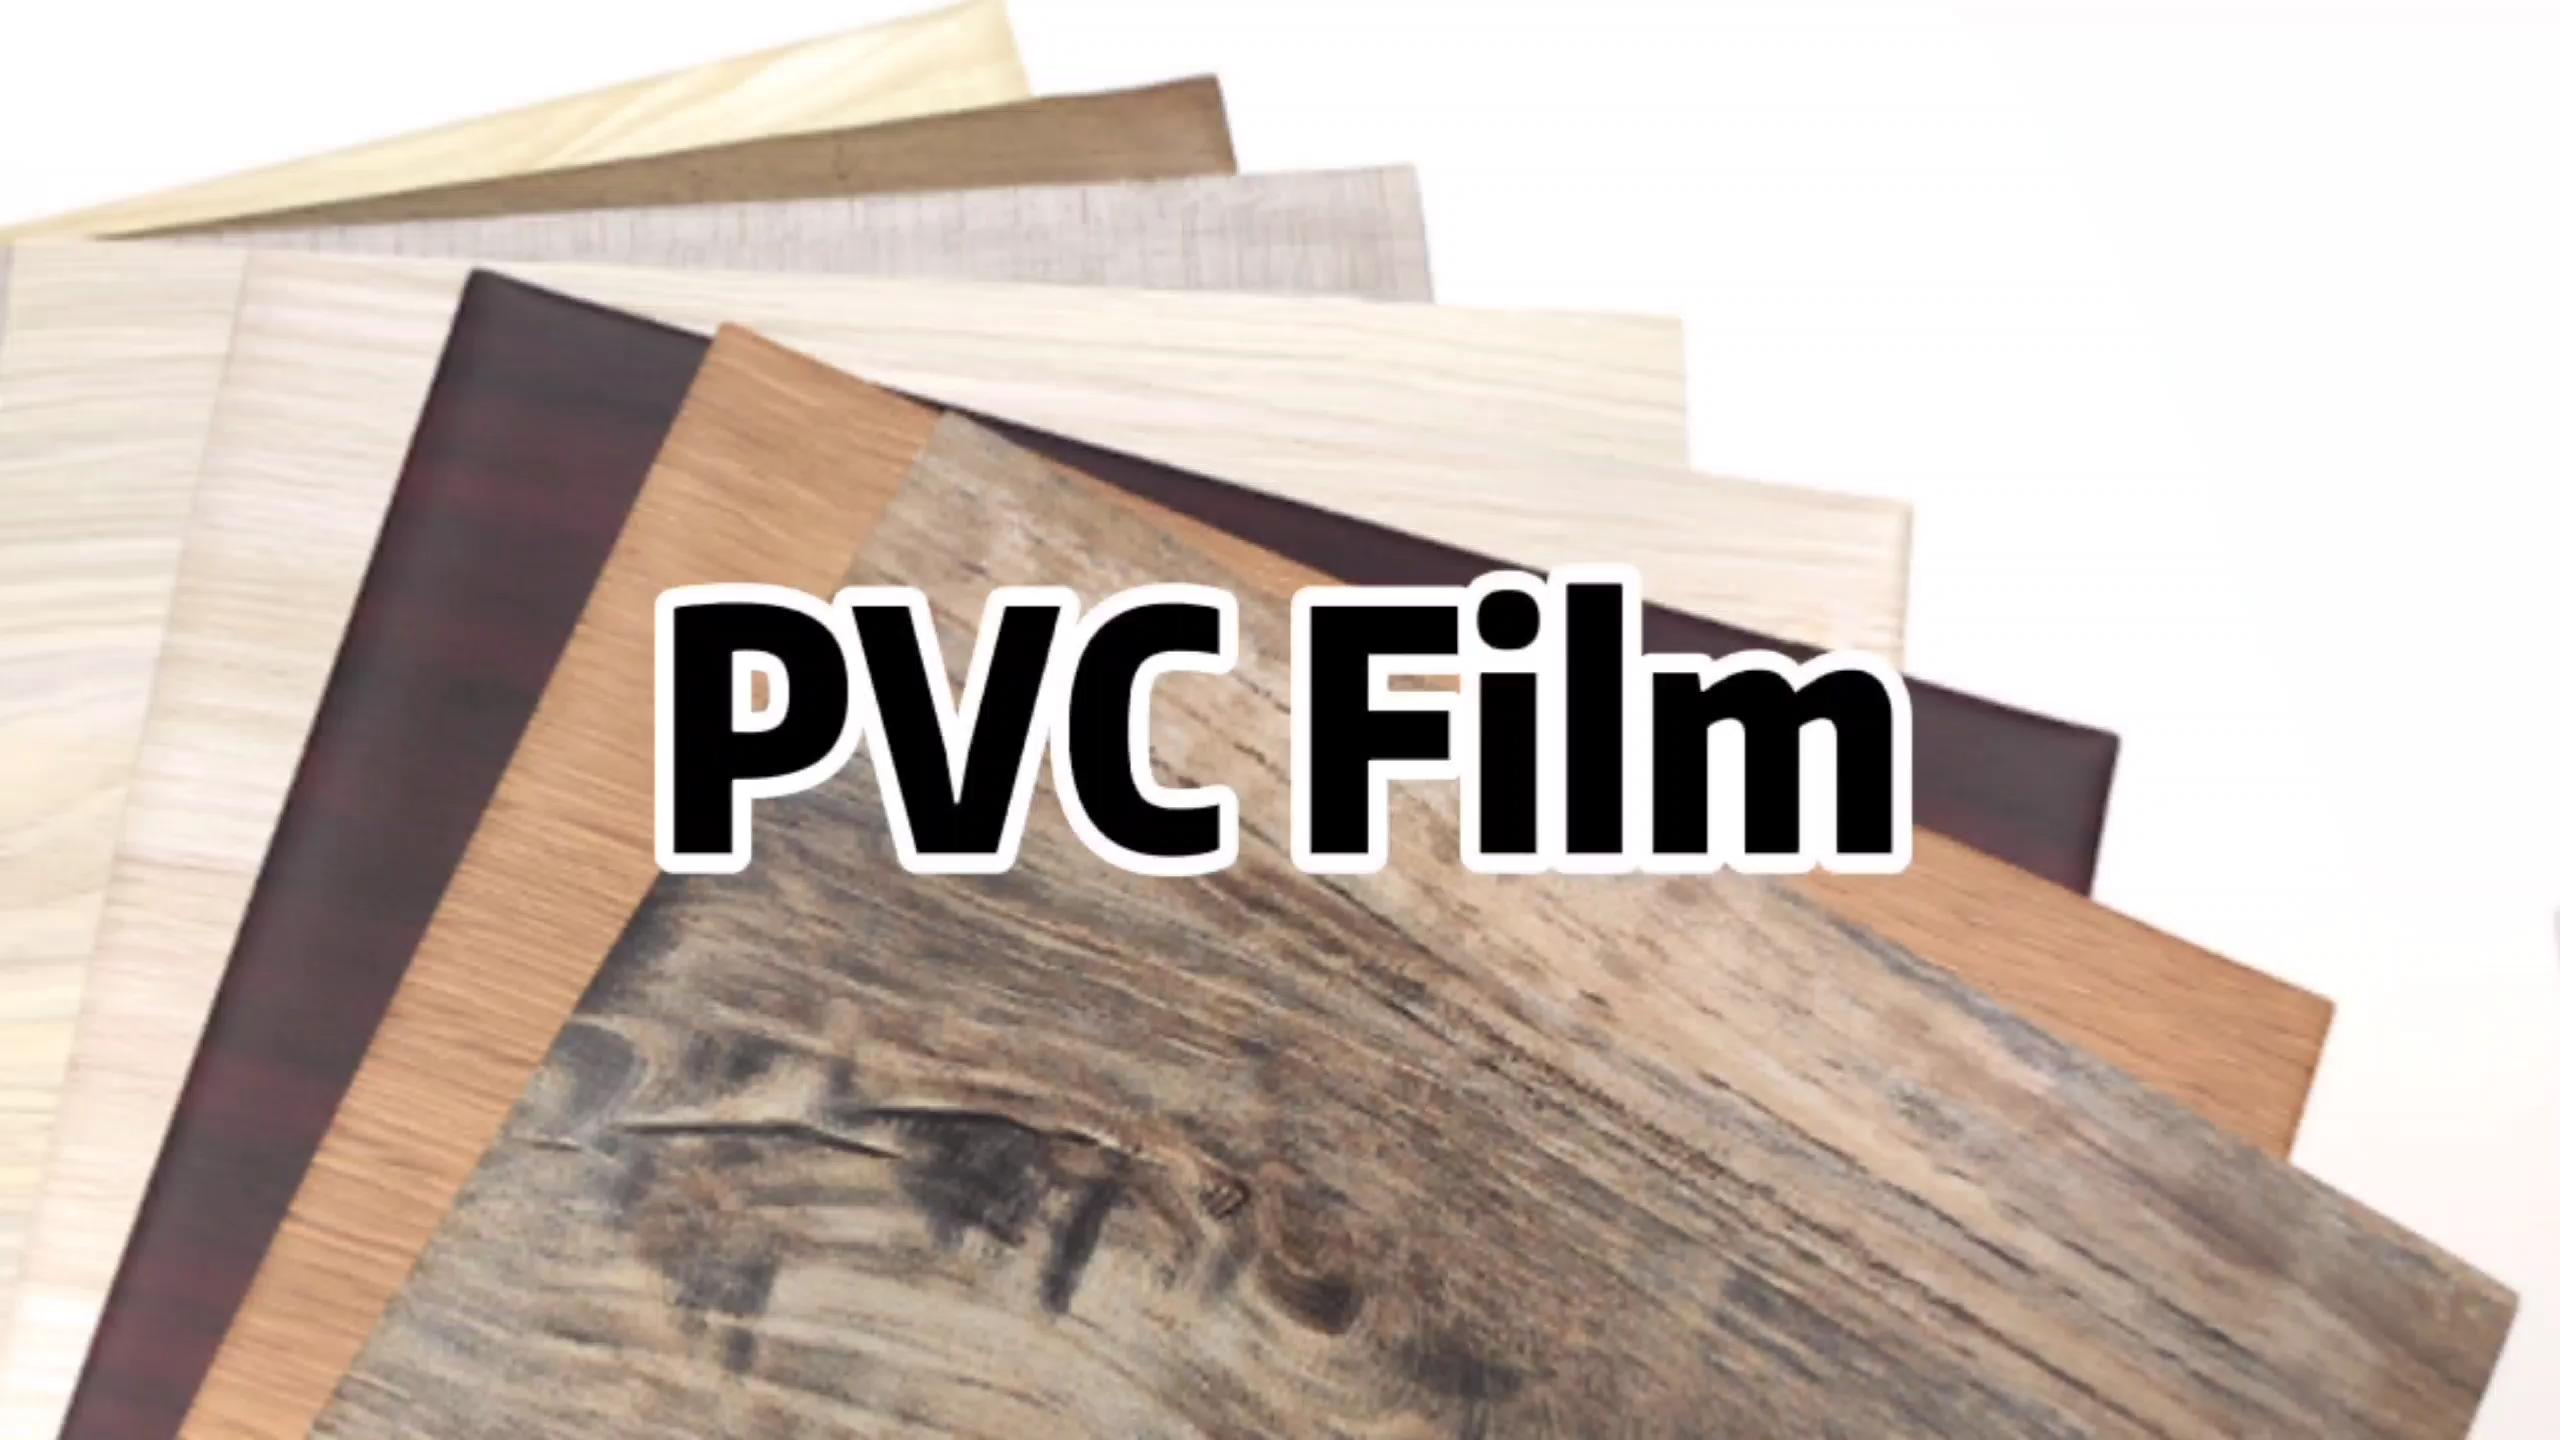 TOCO कारखाने लकड़ी अनाज पीवीसी प्लास्टिक पन्नी टुकड़े टुकड़े के लिए लपेटें फर्नीचर